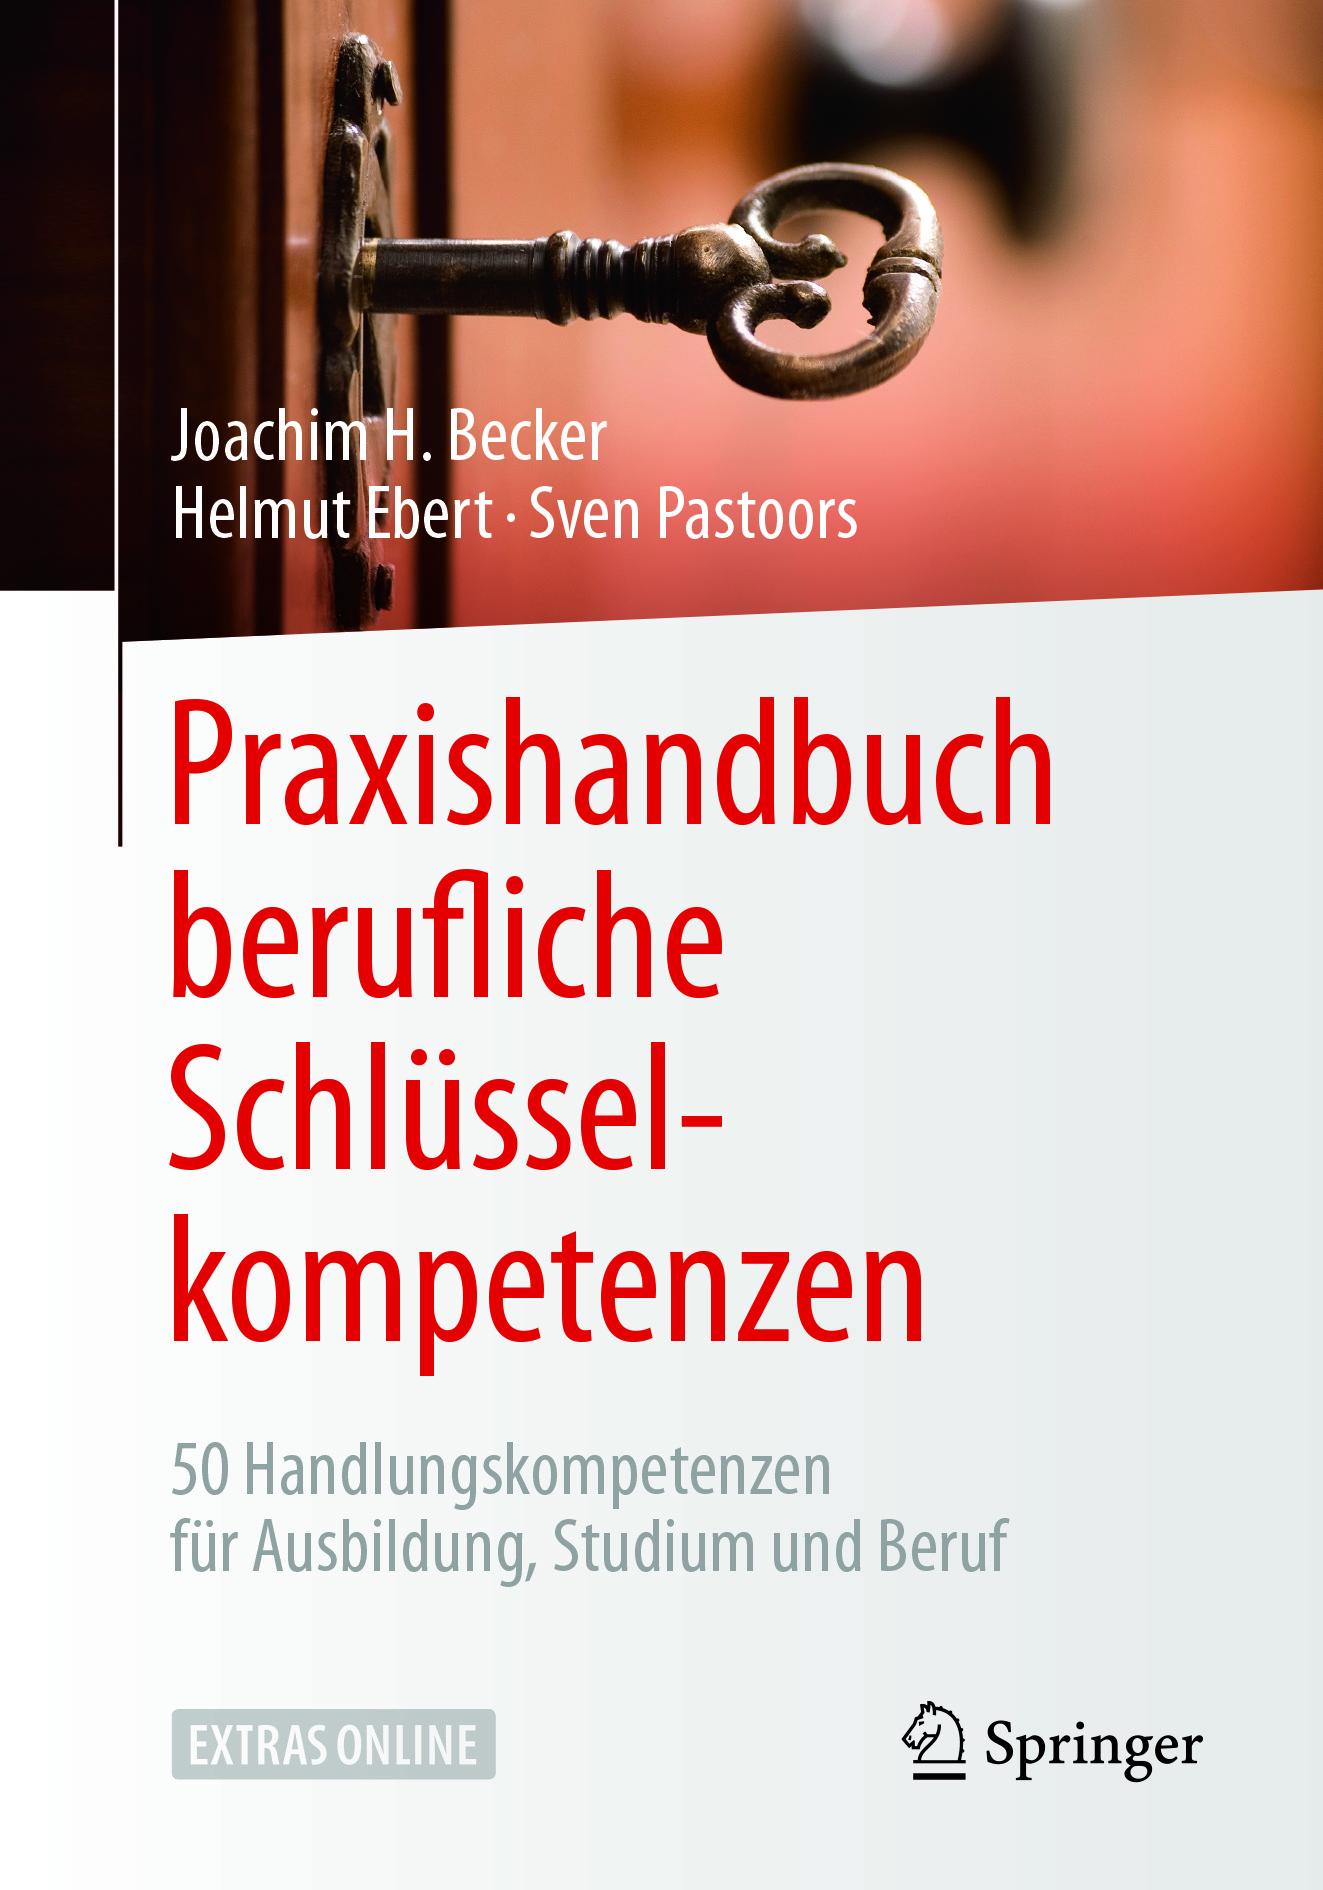 Becker, Joachim H. - Praxishandbuch berufliche Schlüsselkompetenzen, ebook